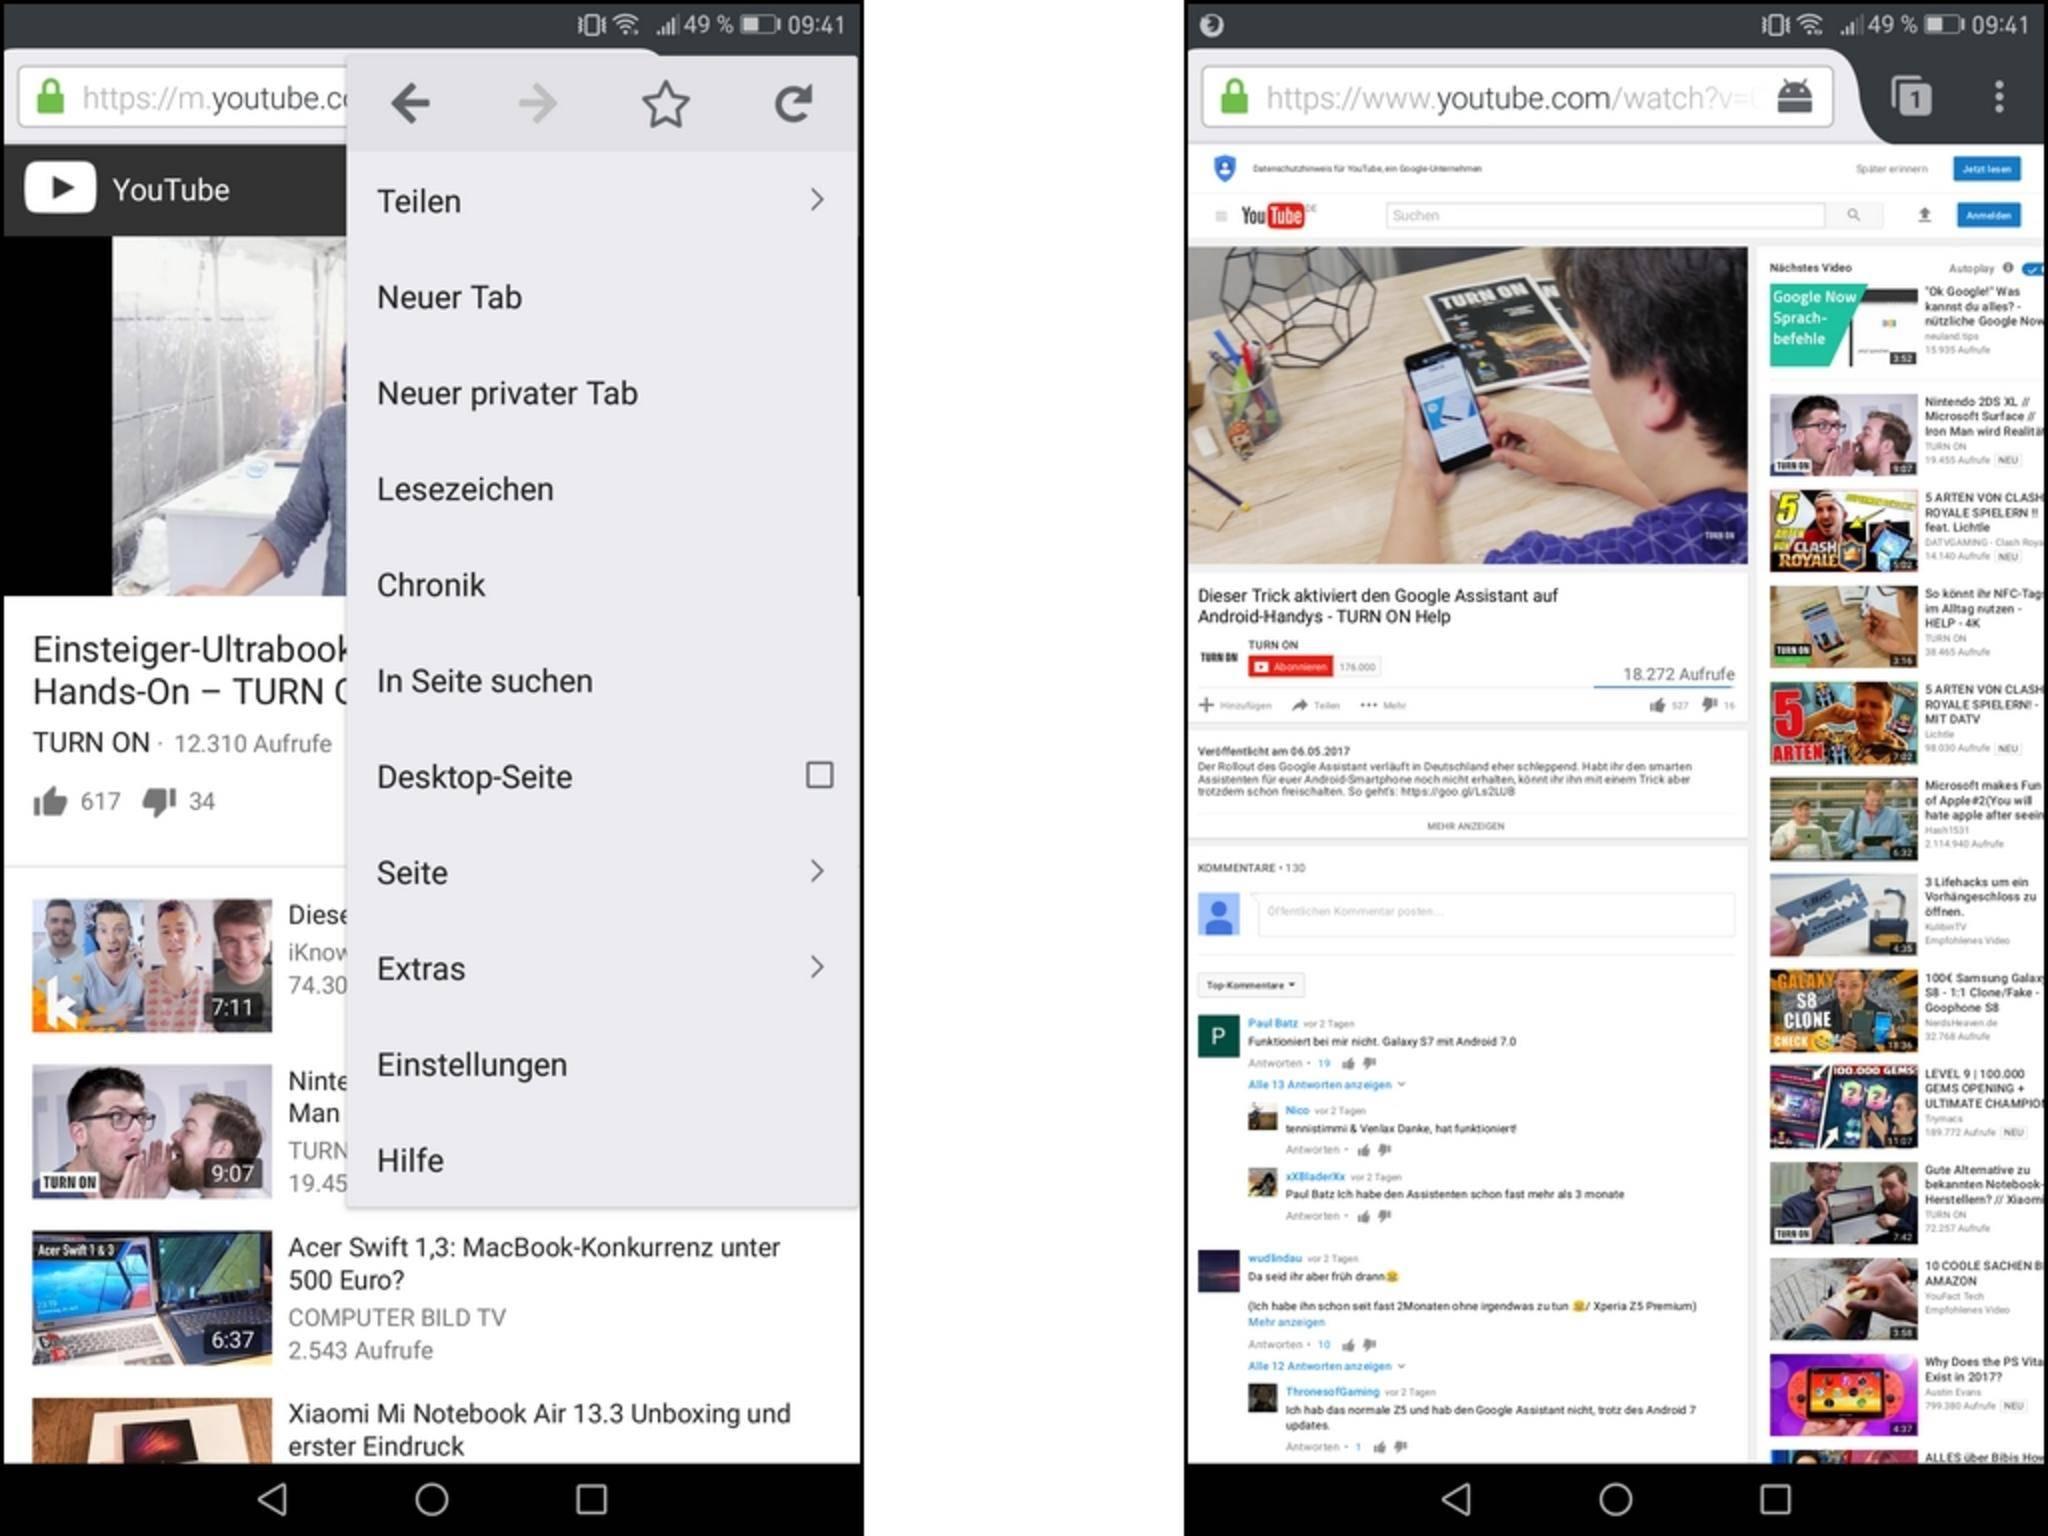 Starte YouTube in Firefox und wechsle dann über das Menü zur Desktop-Ansicht, um Videos im Hintergrund abzuspielen.